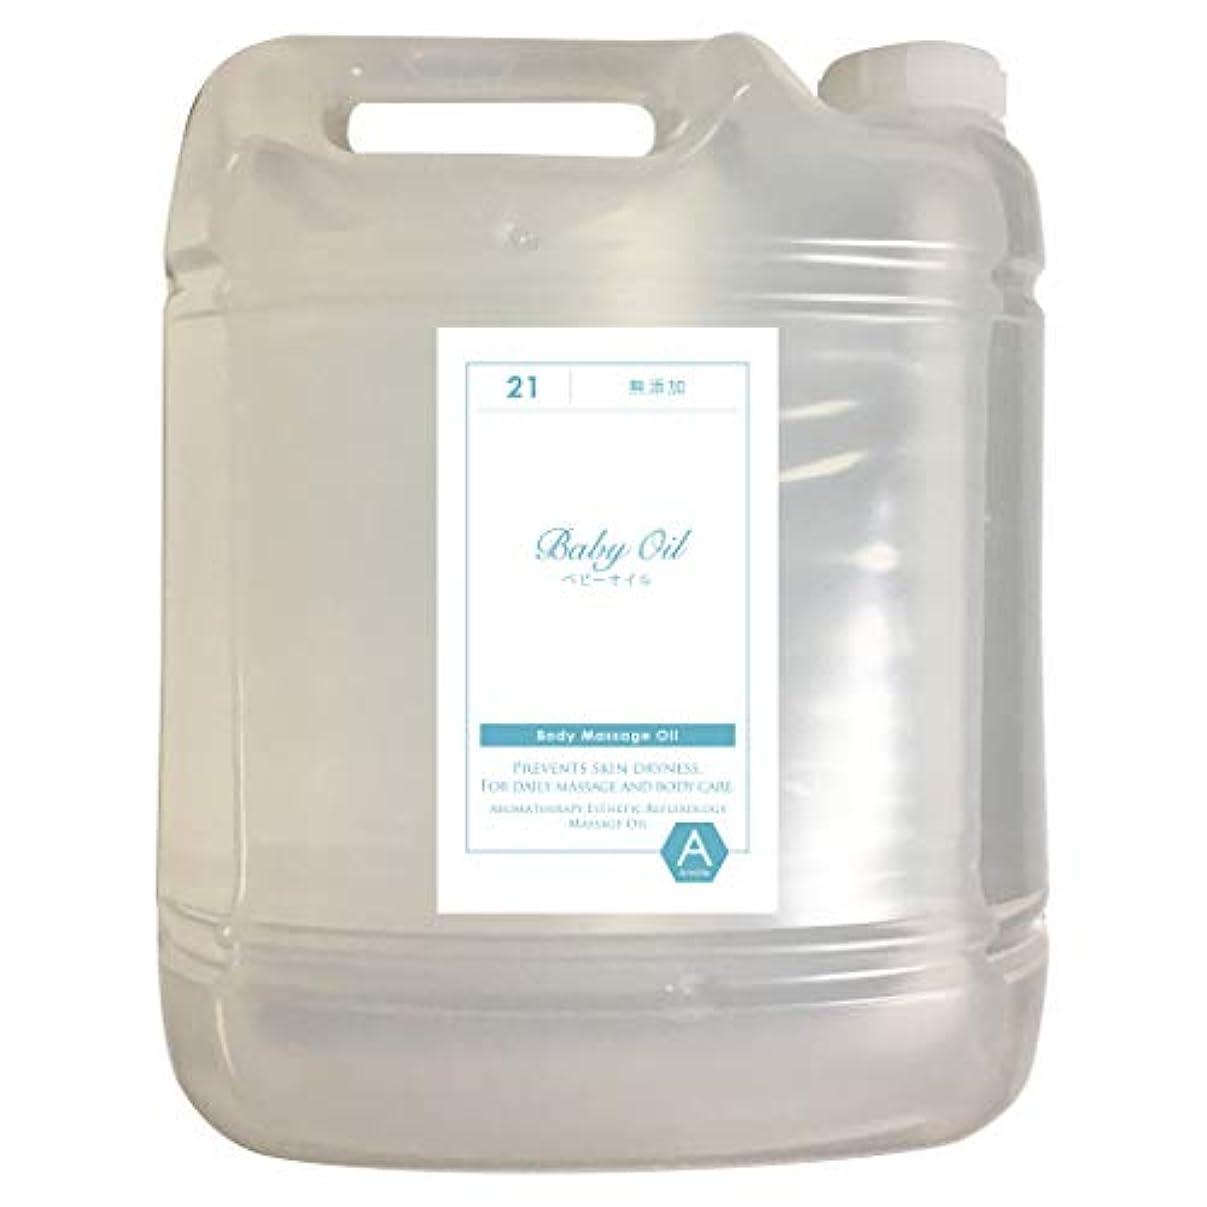 広範囲に実証する有益な無添加ベビーオイル(無香料)業務用サイズマッサージオイル 5L